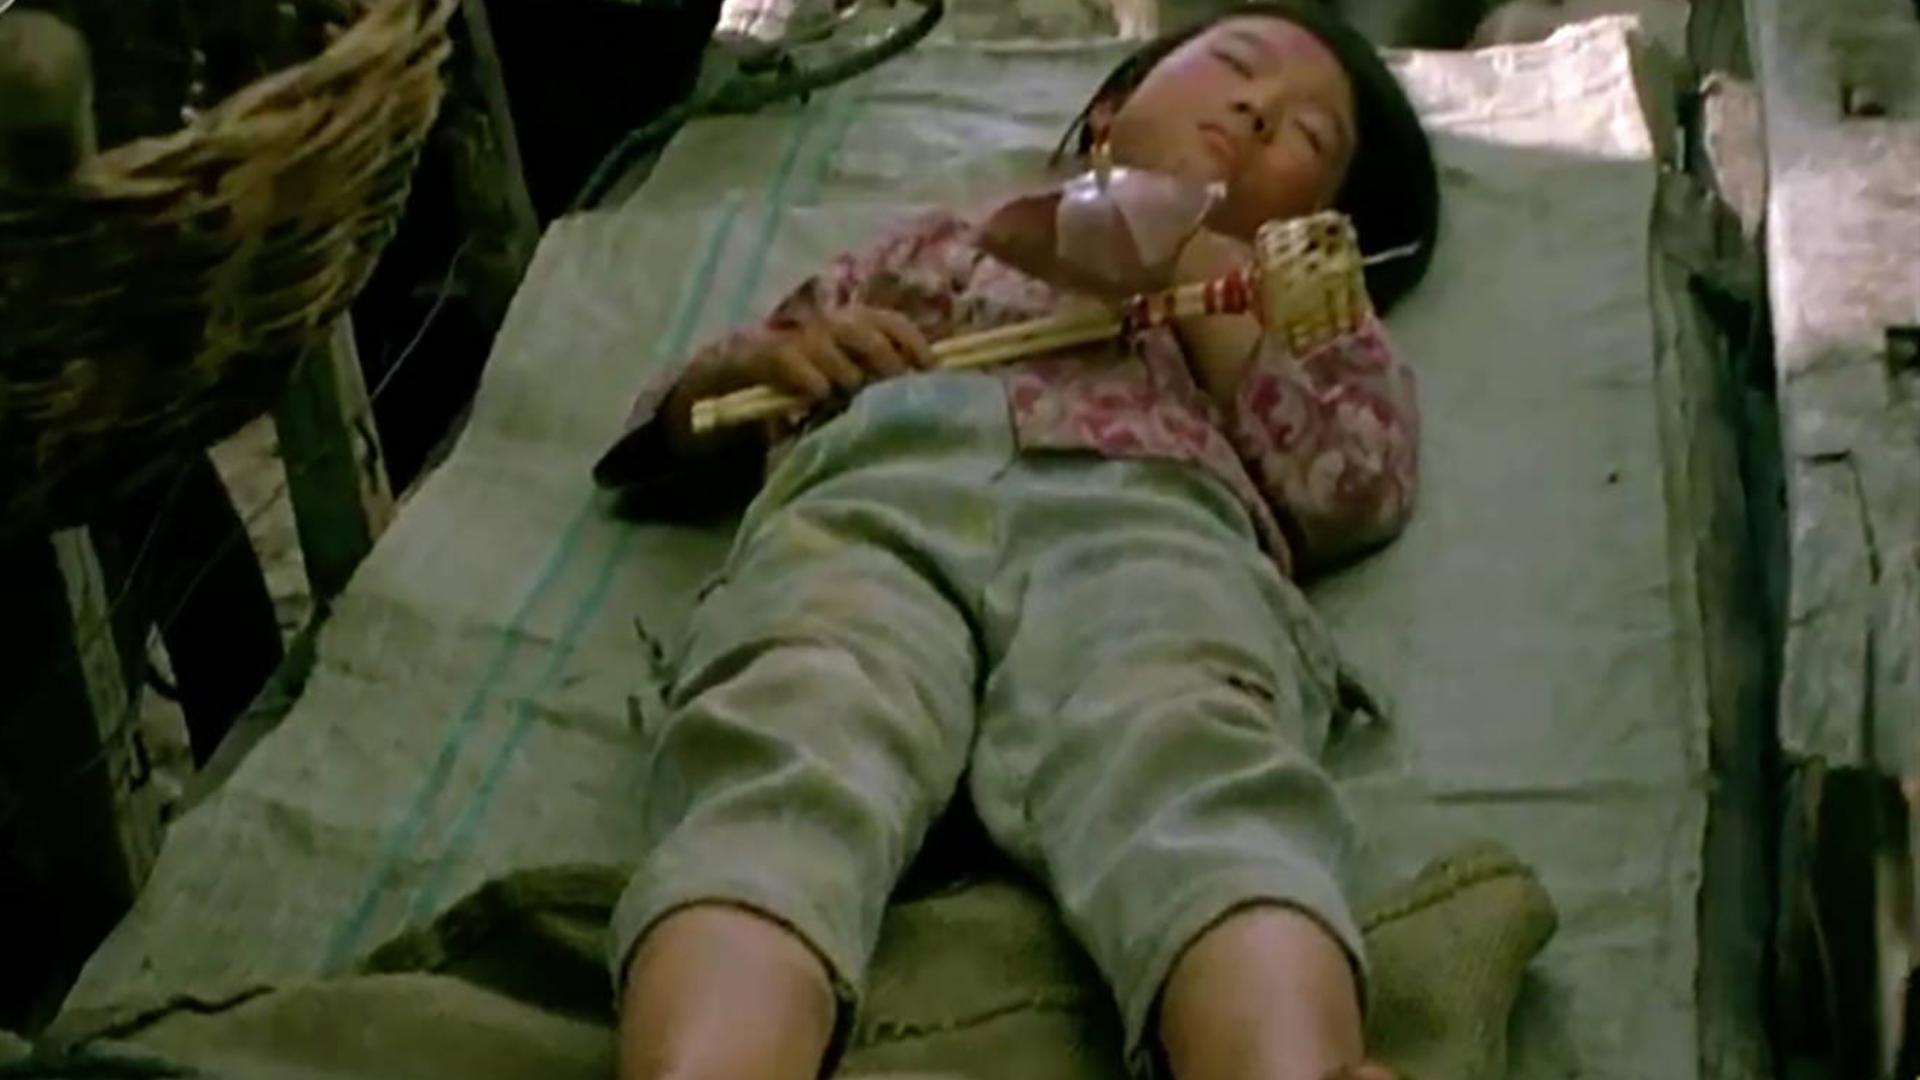 村口躺着一个无家可归的女孩,人人都躲得远远的,最后都后悔了